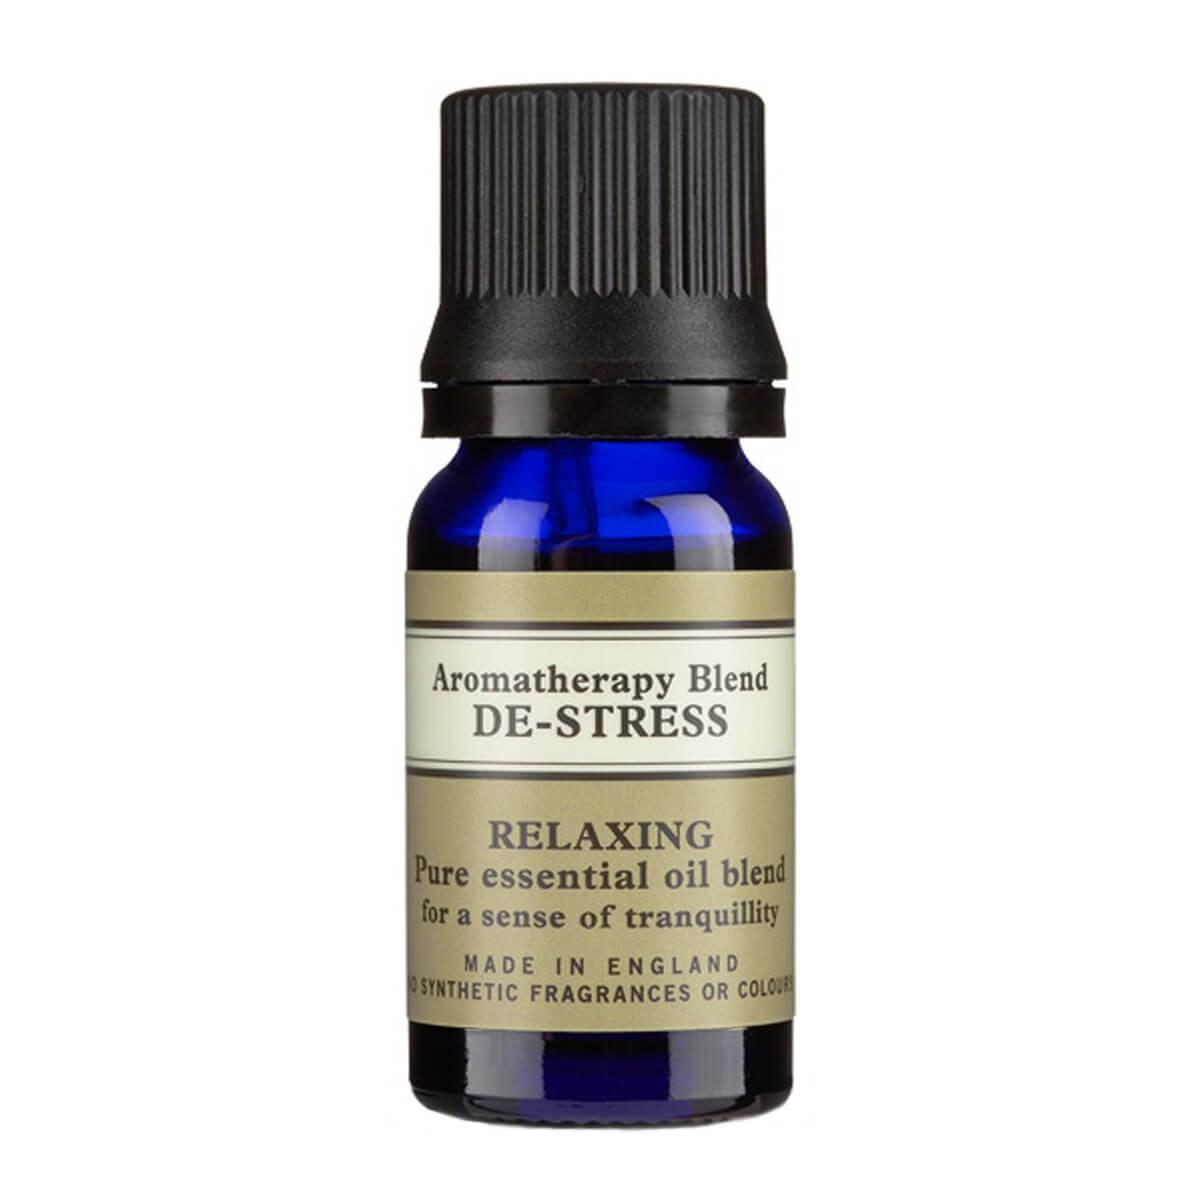 Neal's Yard Remedies Aromatherapy Blend - De-Stress